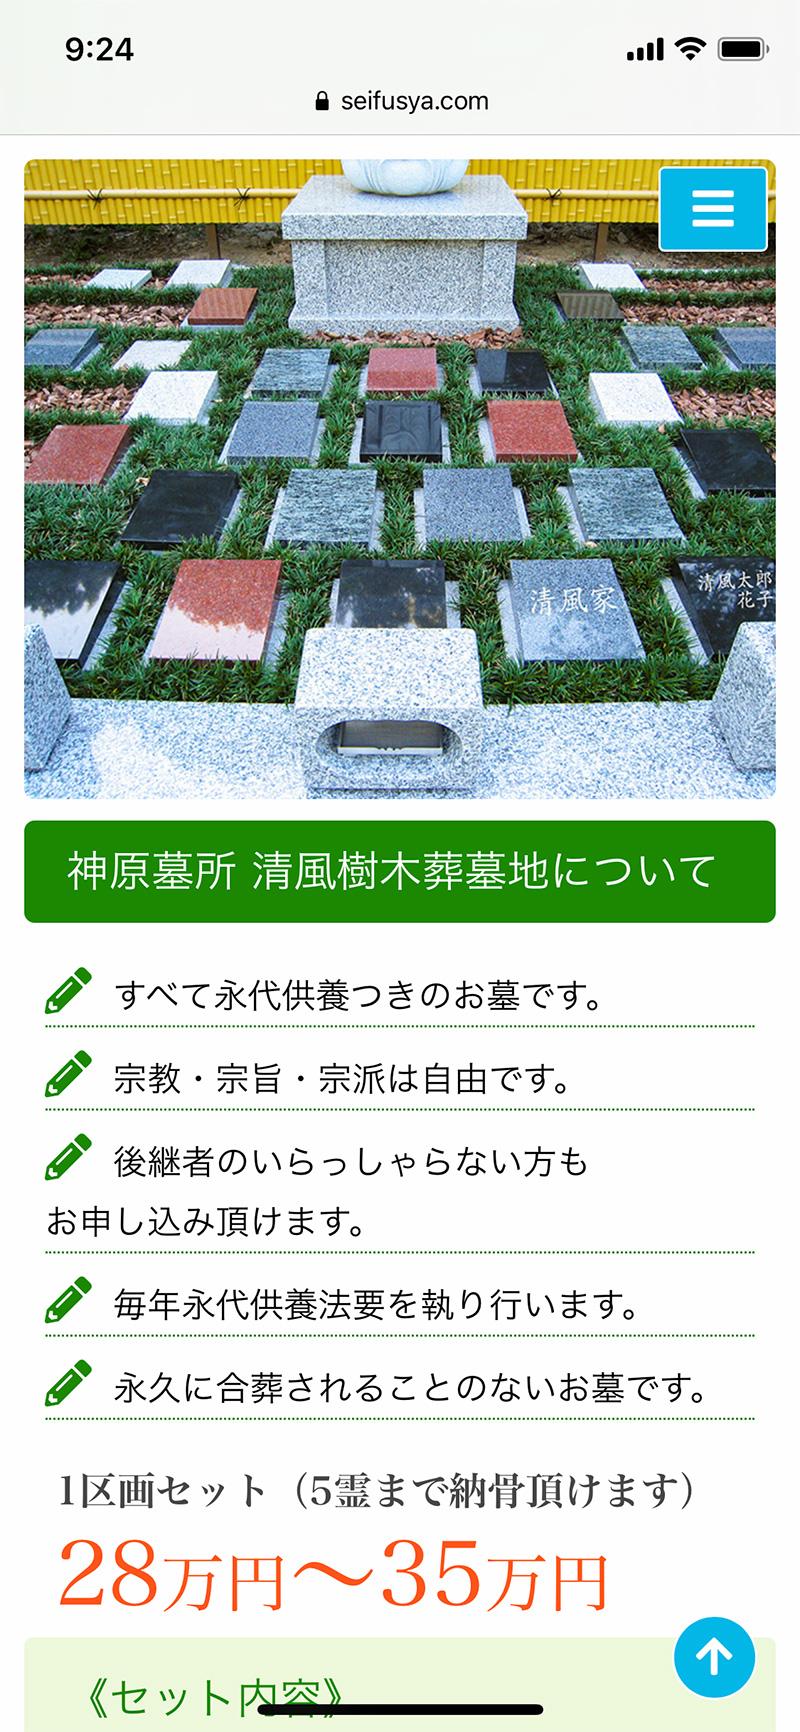 株式会社清風社_スマホサイト02